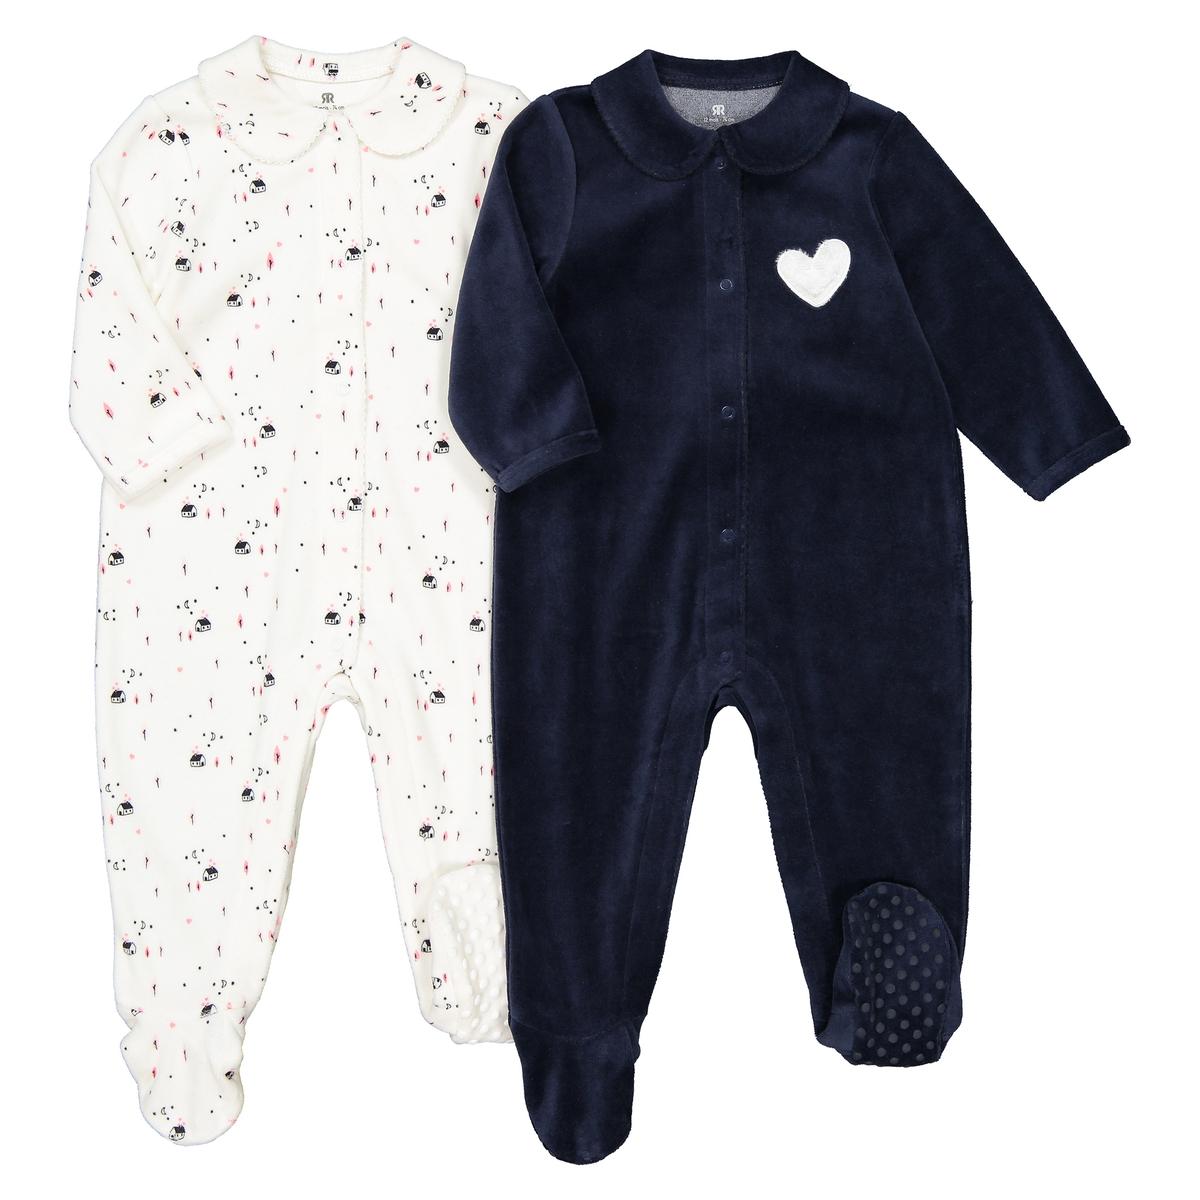 Слитные La Redoute Пижамы для новорожденного - года рожденные раньше срока - 45 см синий цена